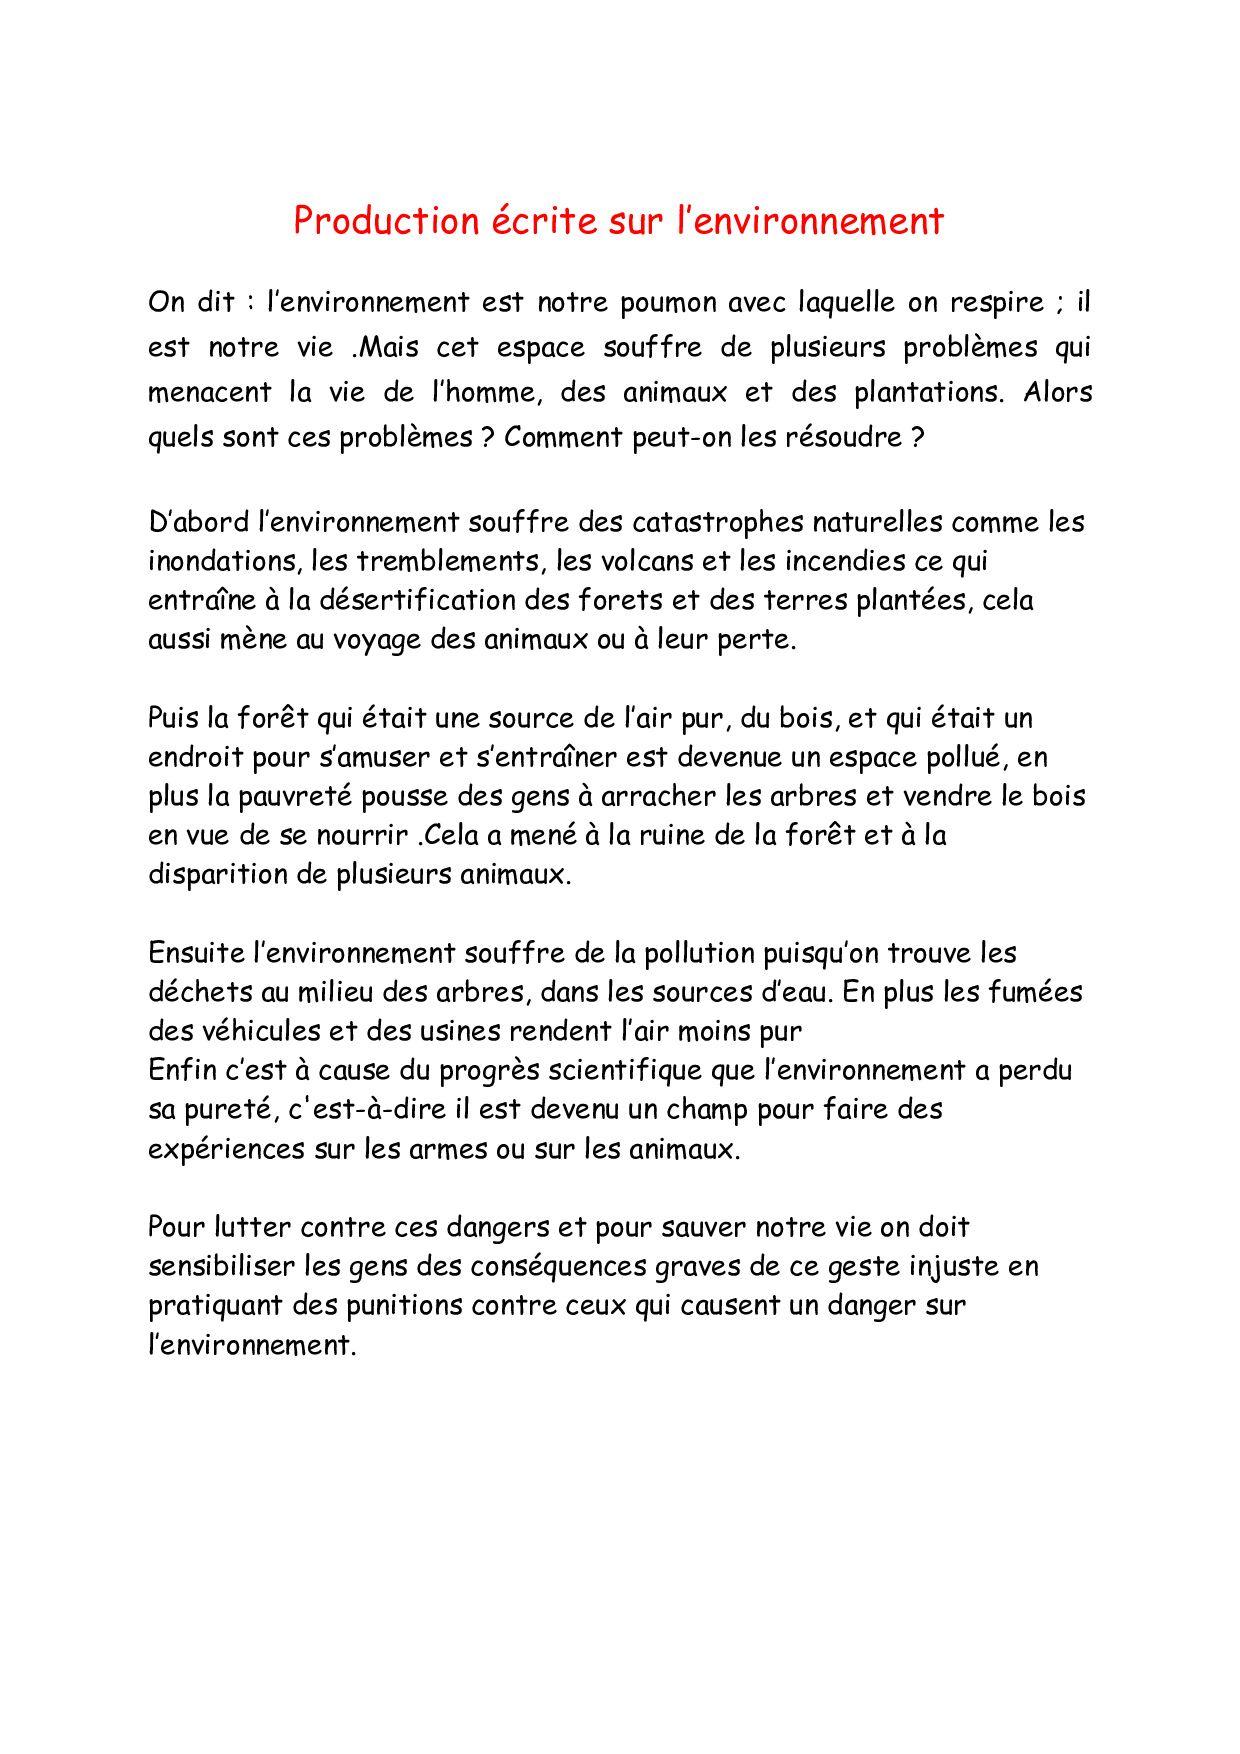 Epingle Par Essarhani Amina Sur Environnement Expression Ecrite Expressions Environnement